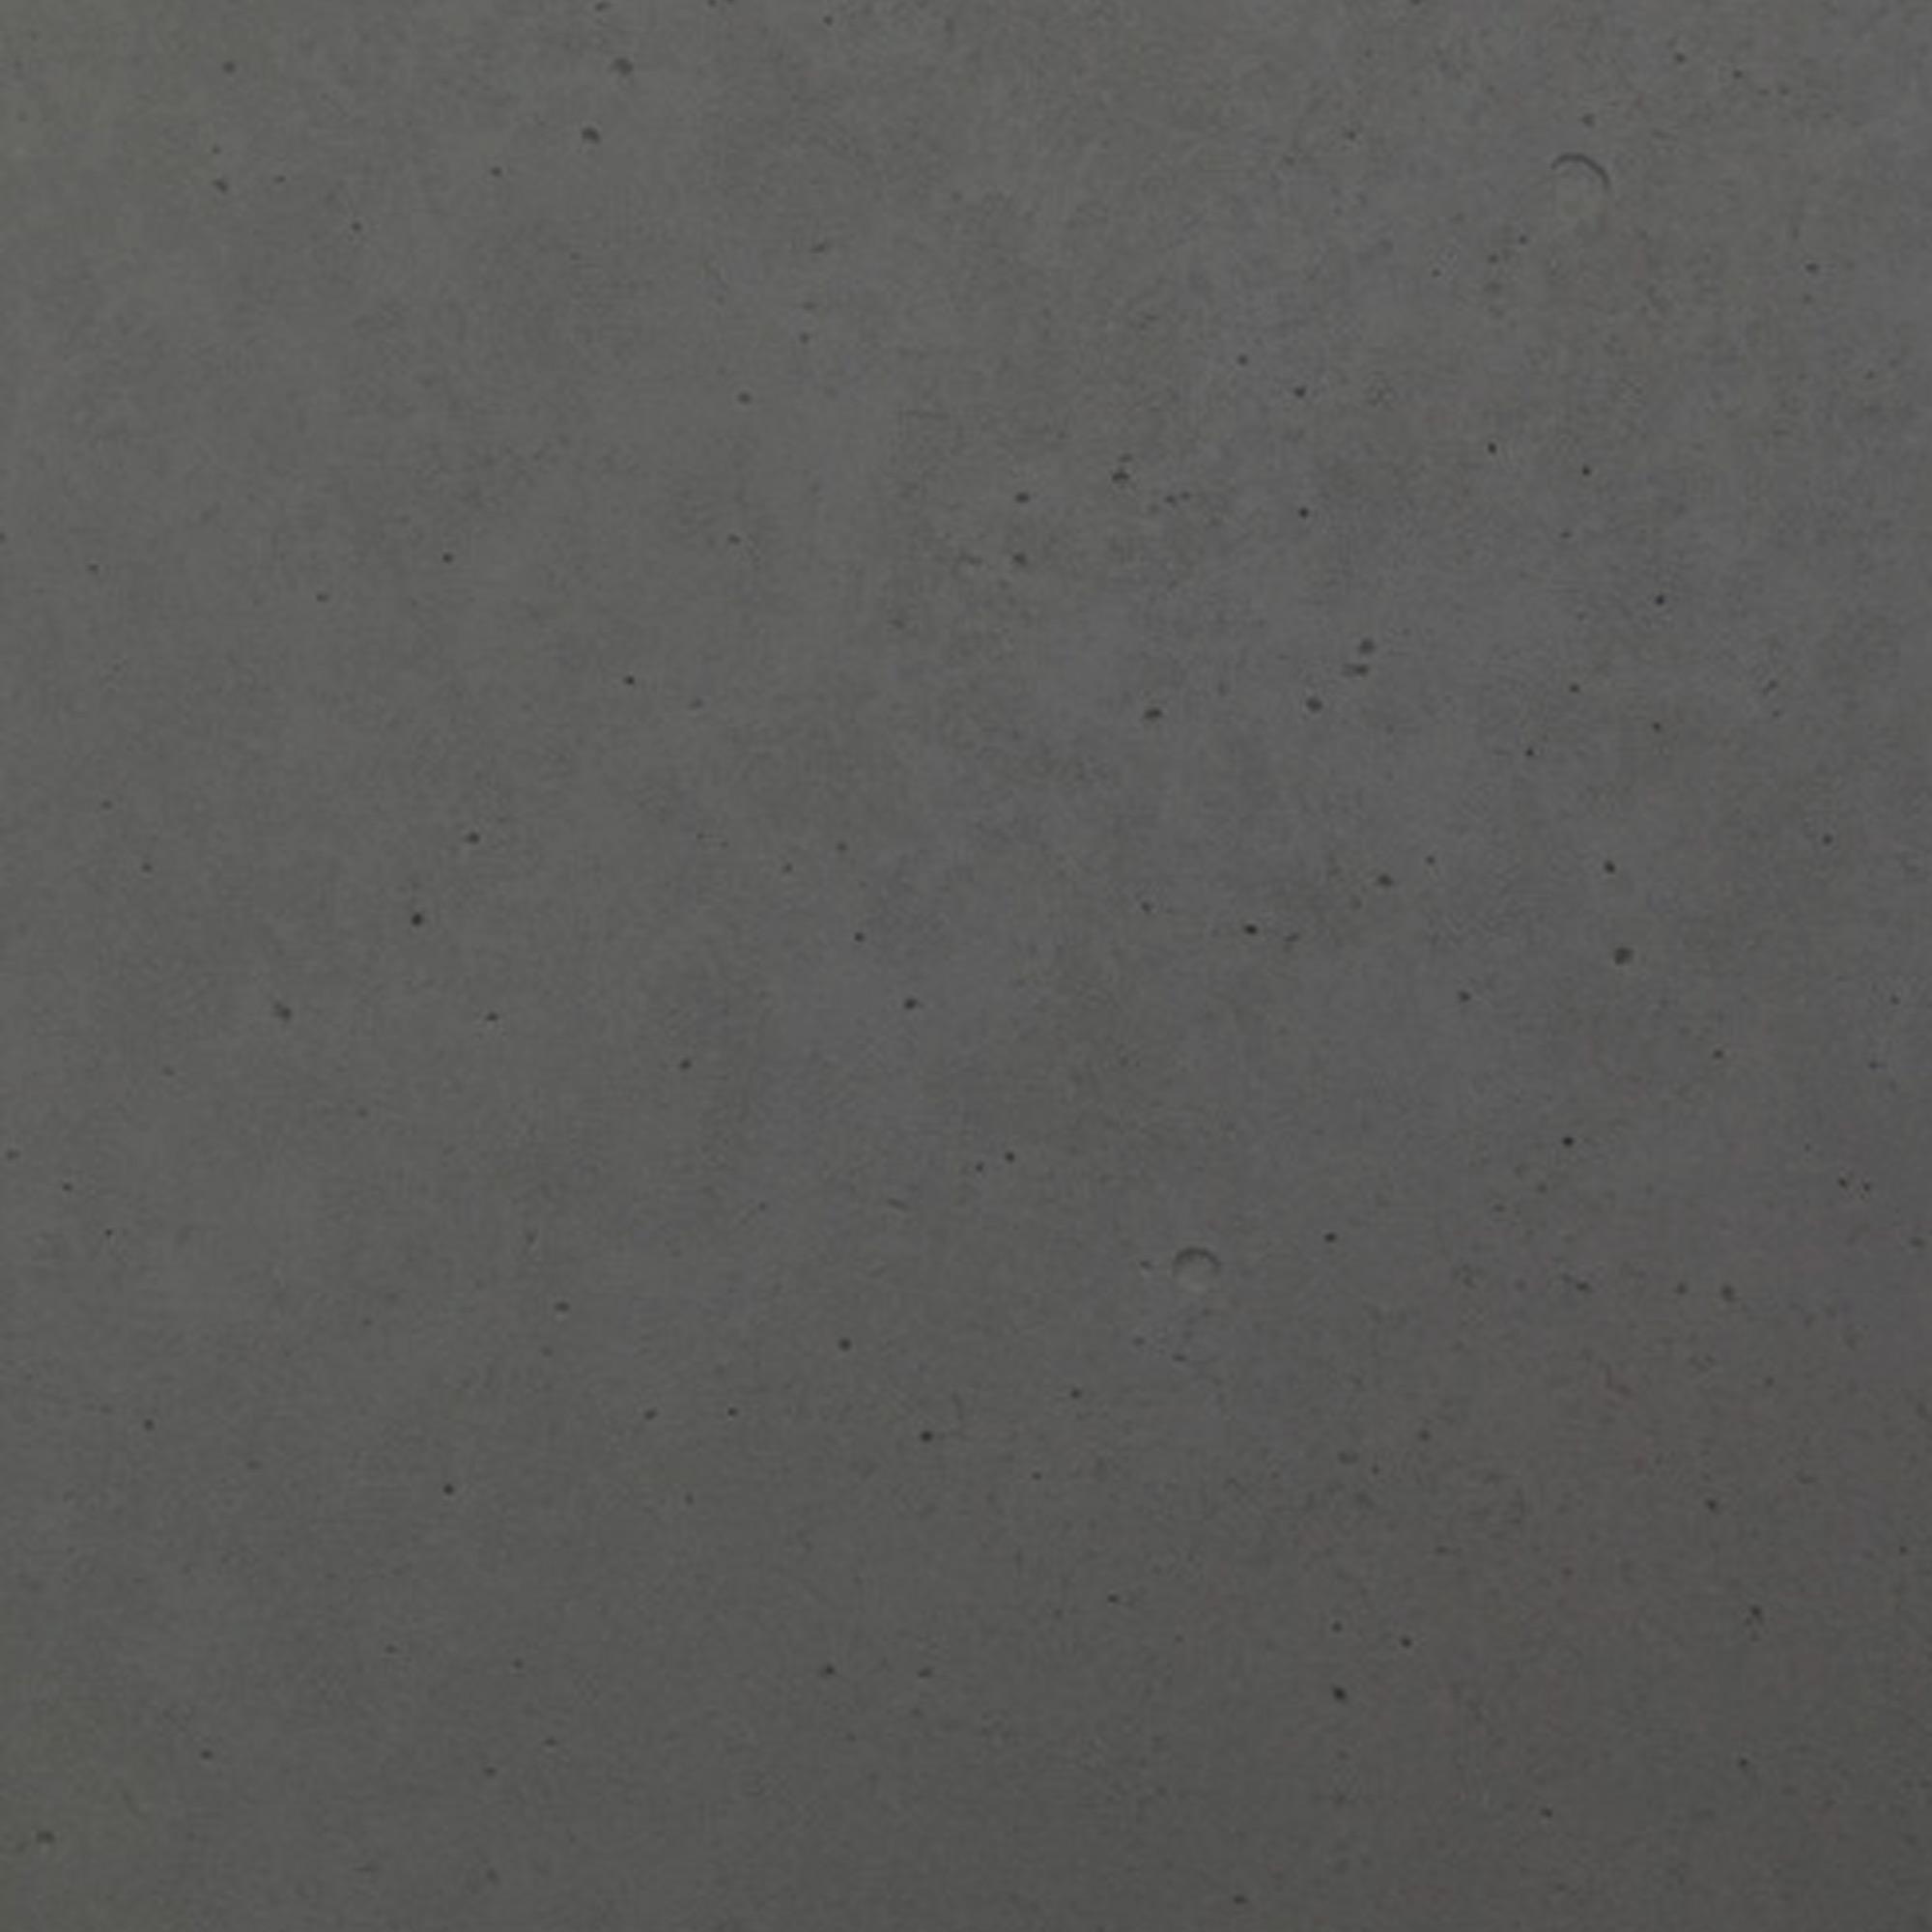 carousel-conclad-finiture-grigio60.jpg